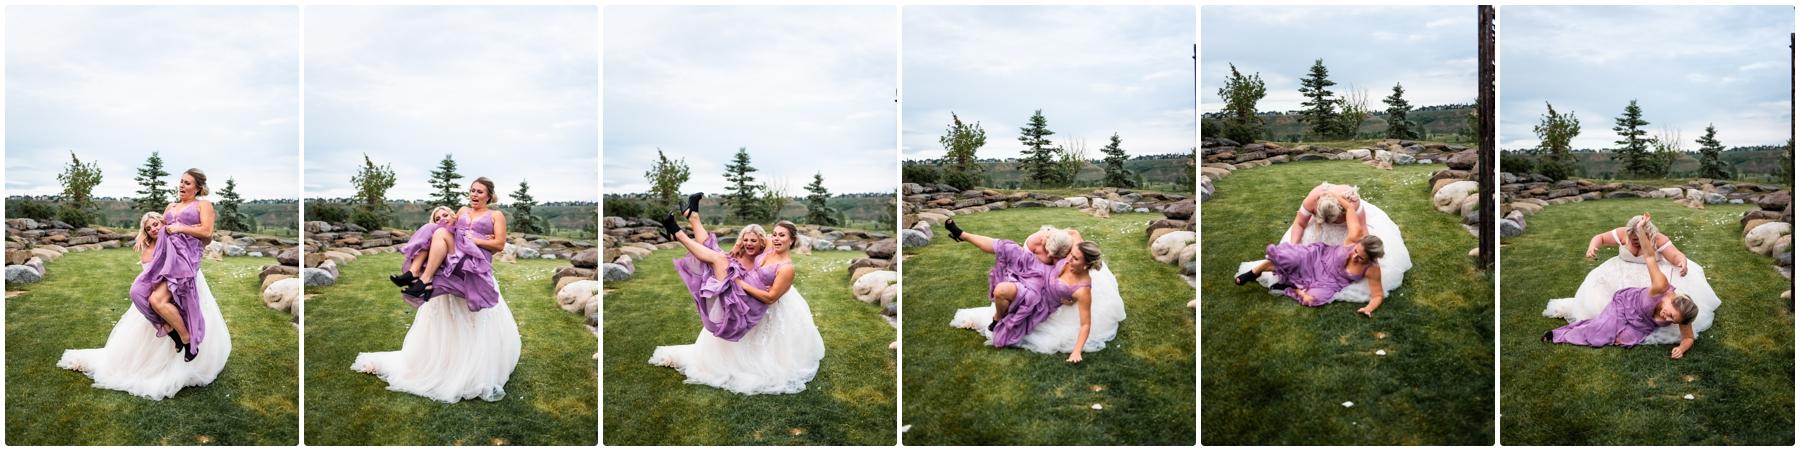 Calgary Blue Devil Golf Course Wedding Reception Photos